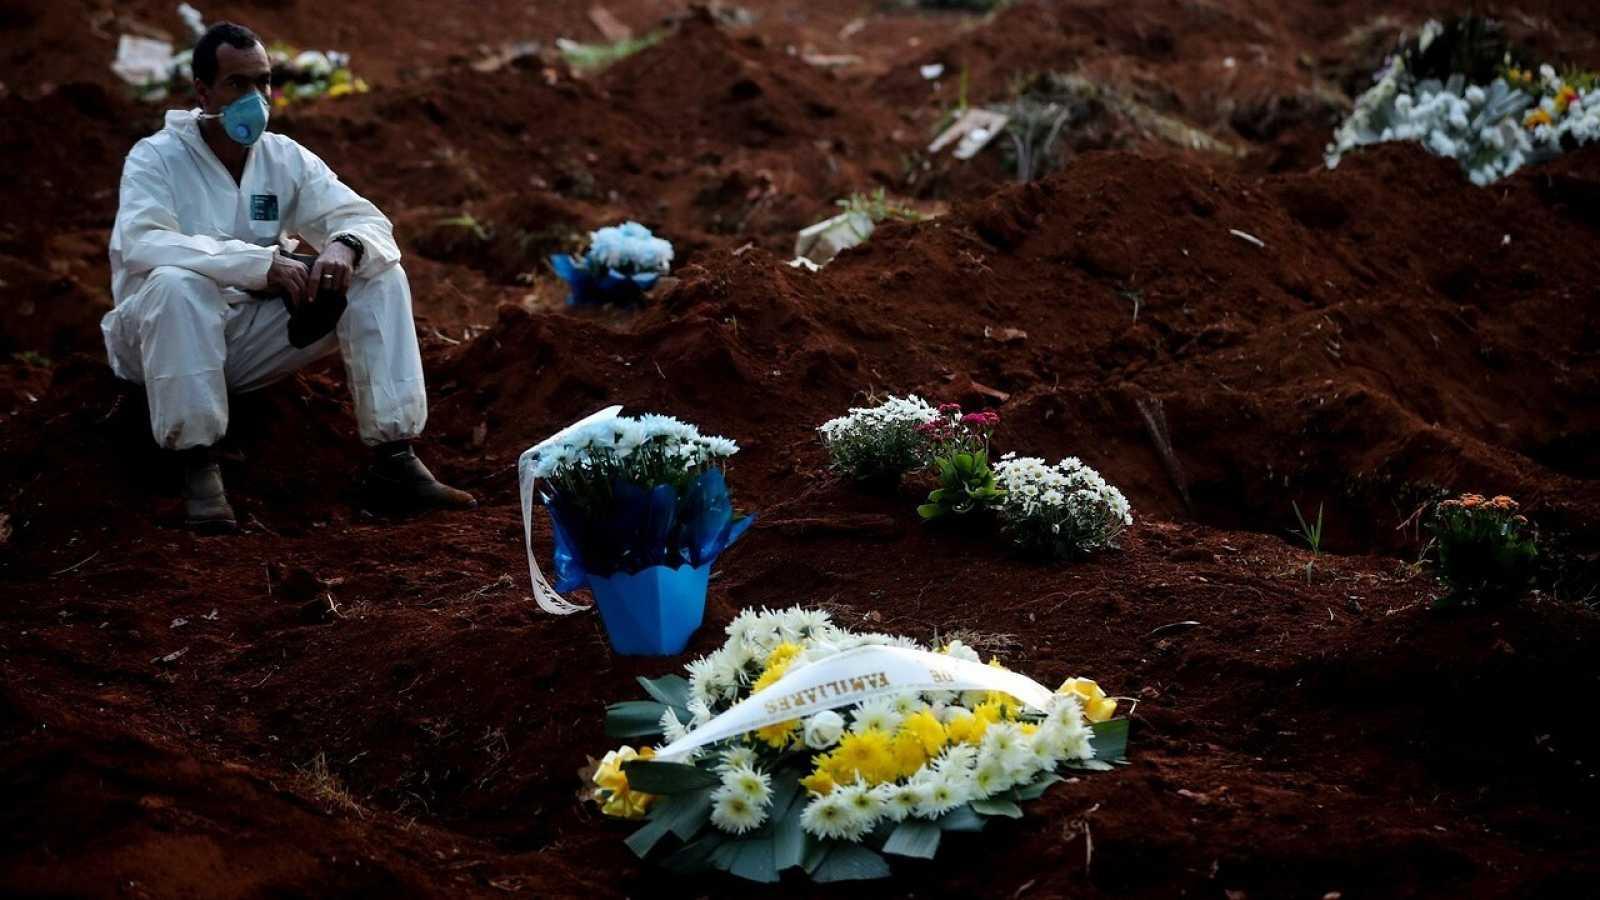 Un sepulturero descansa en el cementerio Vila Formosa, en Sao Paulo